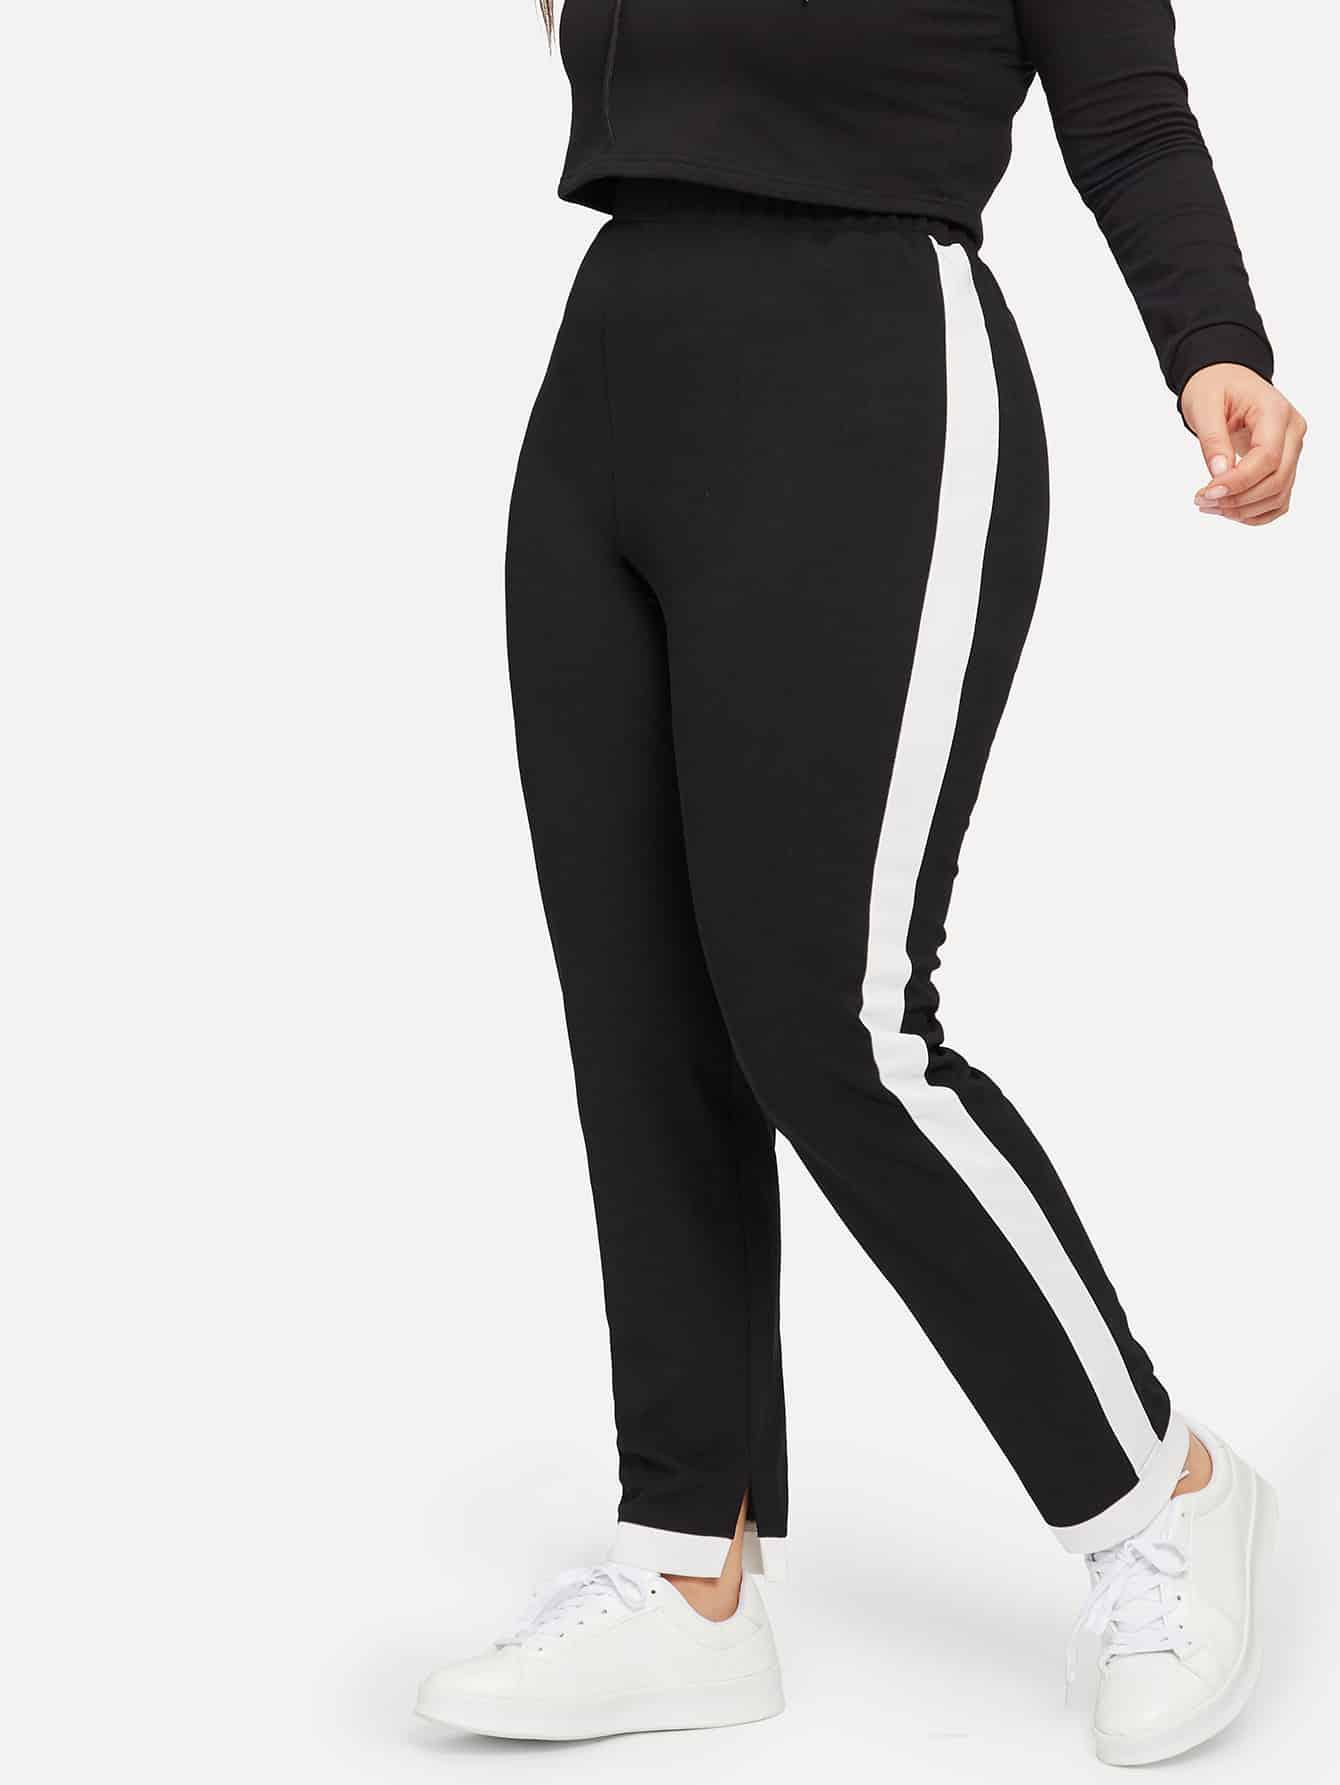 Купить Контрастные брюки с эластичной талией размера плюс, Isabela, SheIn